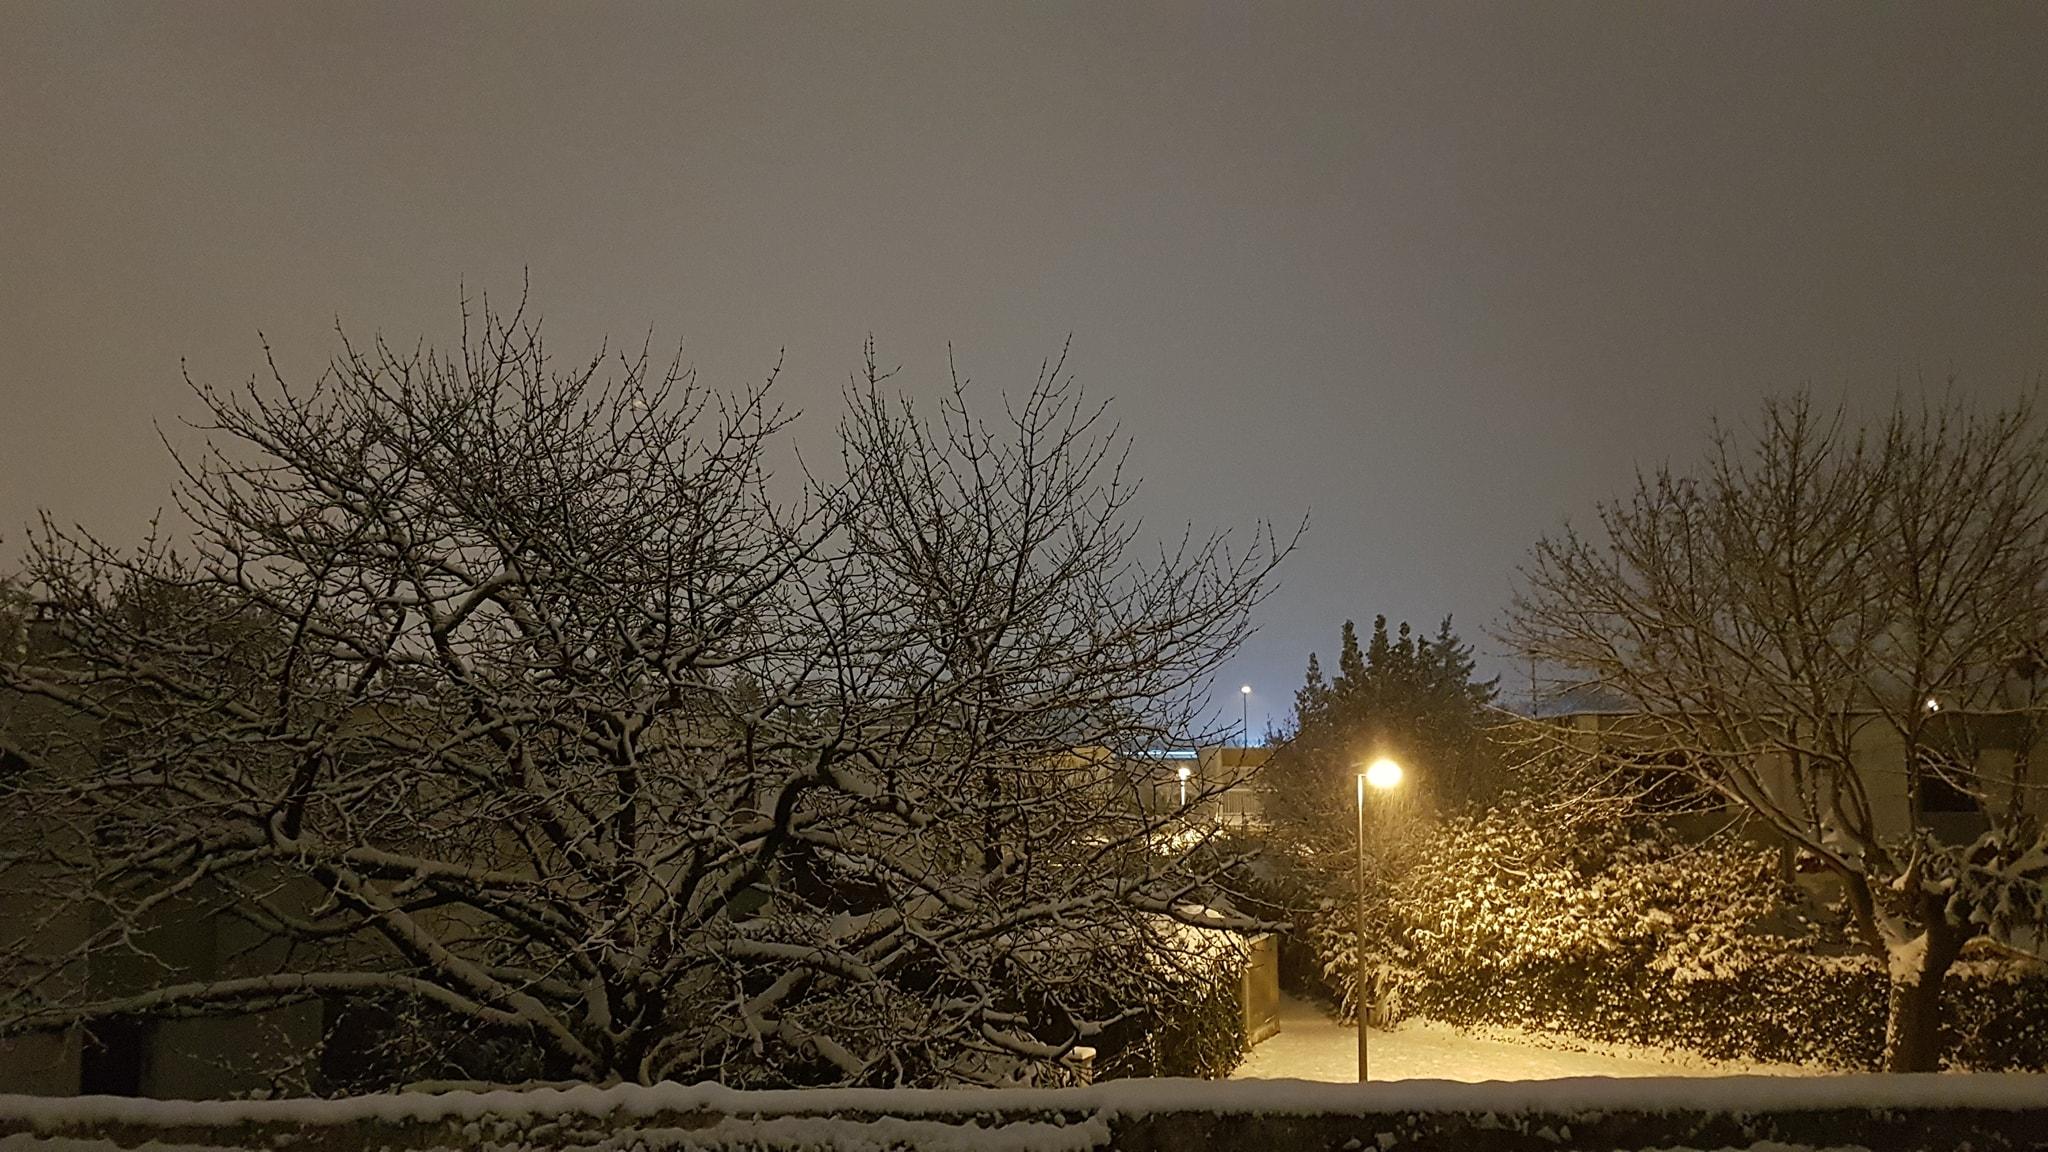 Lyon 9 sous la neige : une sélection de photos du quartier